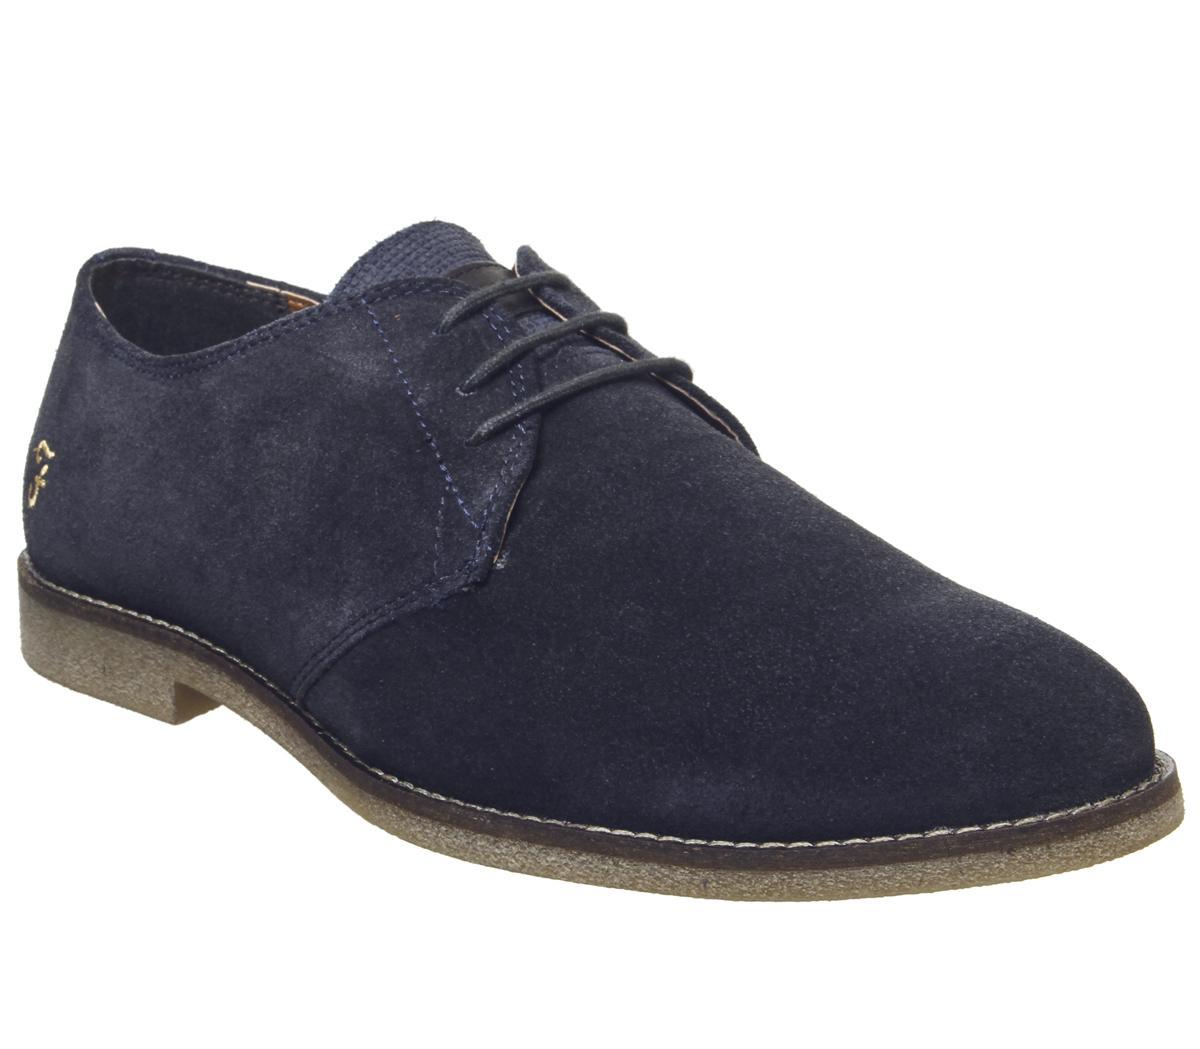 Stokes Desert Shoes